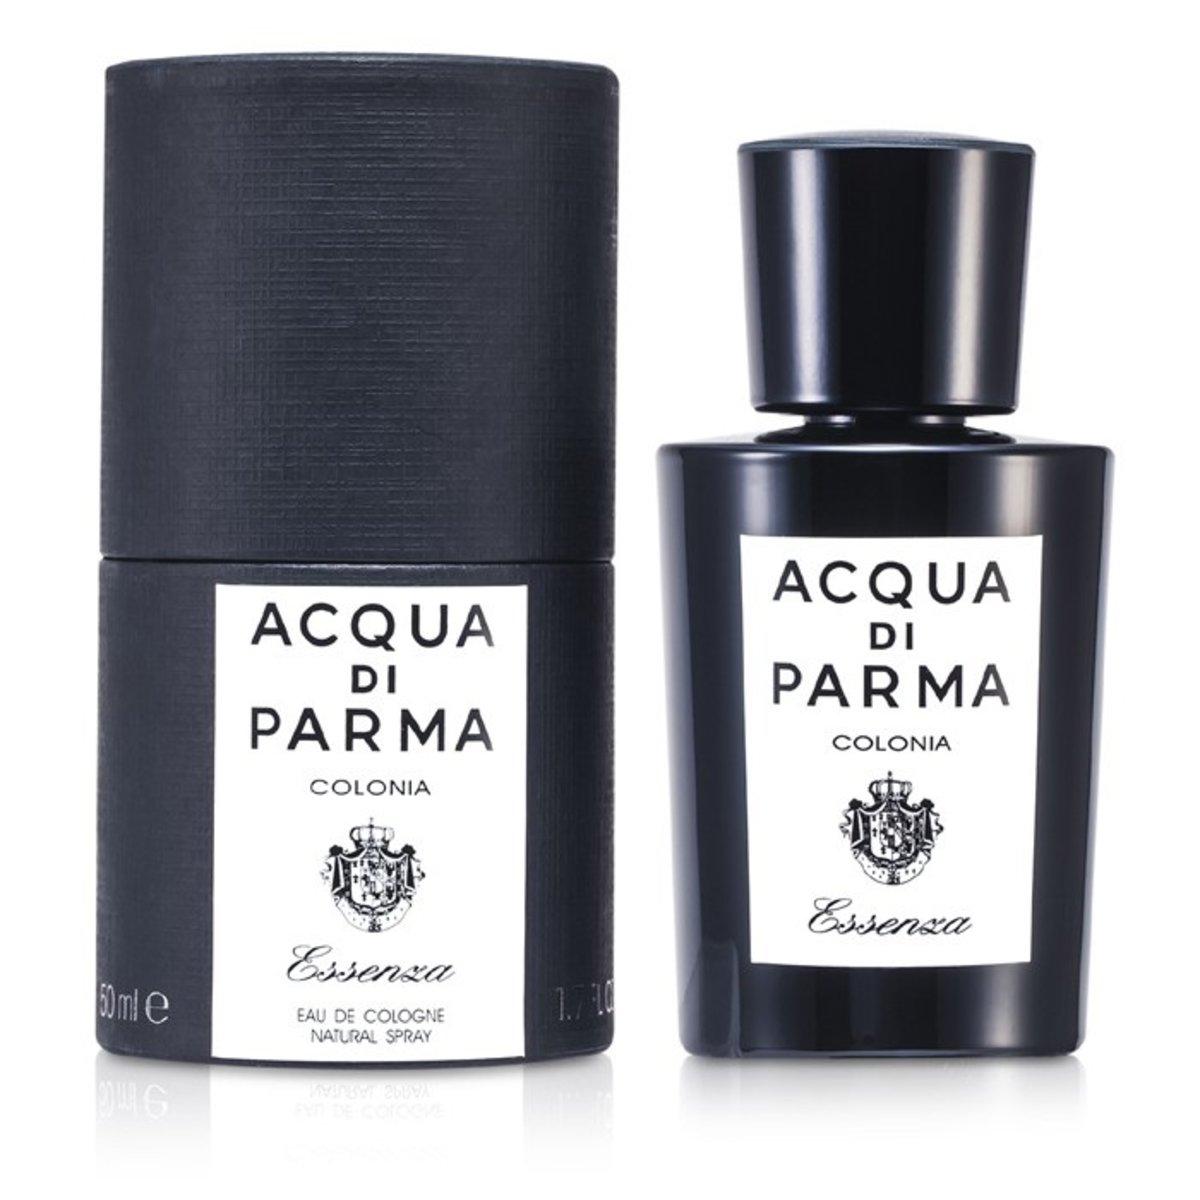 Acqua Di Parma Colonia Essenza EDC Spray 50ml